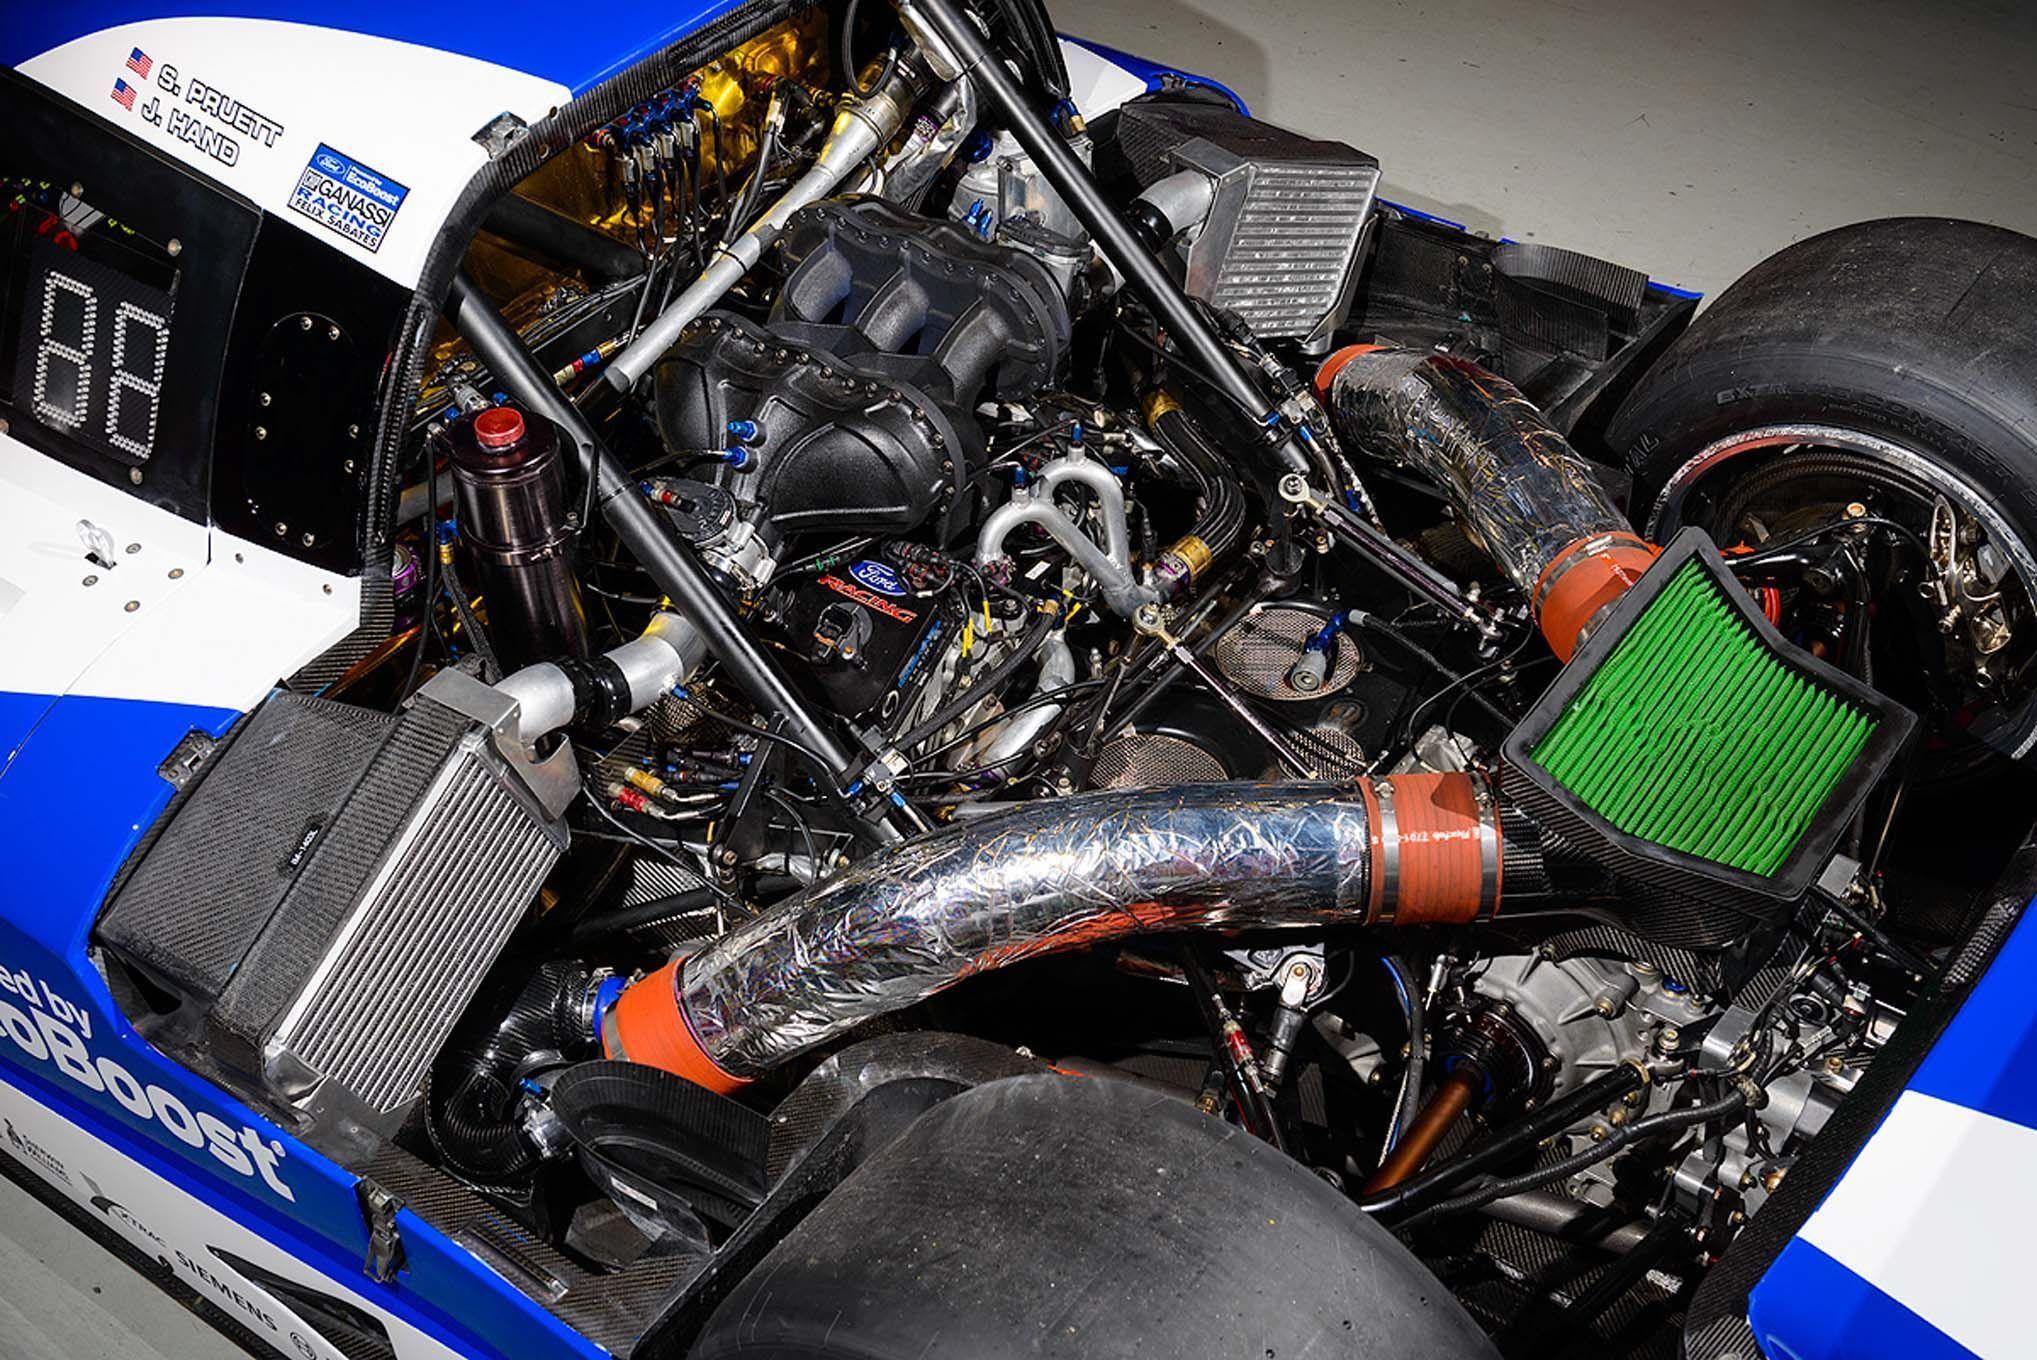 Ford Gt Motor Recherche Google